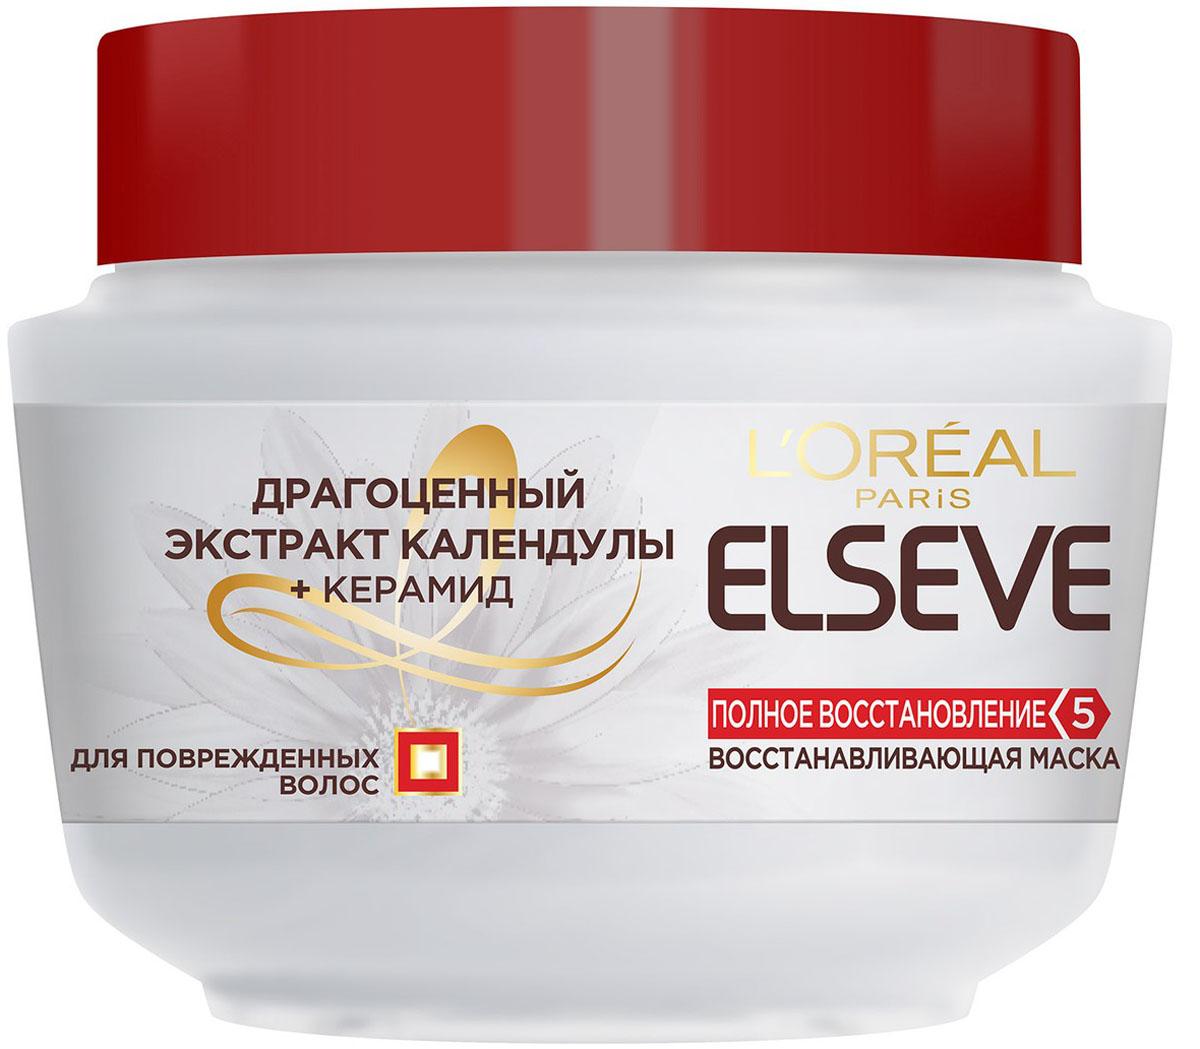 L'Oreal Paris Elseve Маска для волос Полное восстановление 5, восстанавливающая, для поврежденных волос, 300 мл kocostar маска восстанавливающая для поврежденных волос конский хвост ggong ji hair pack 8 мл